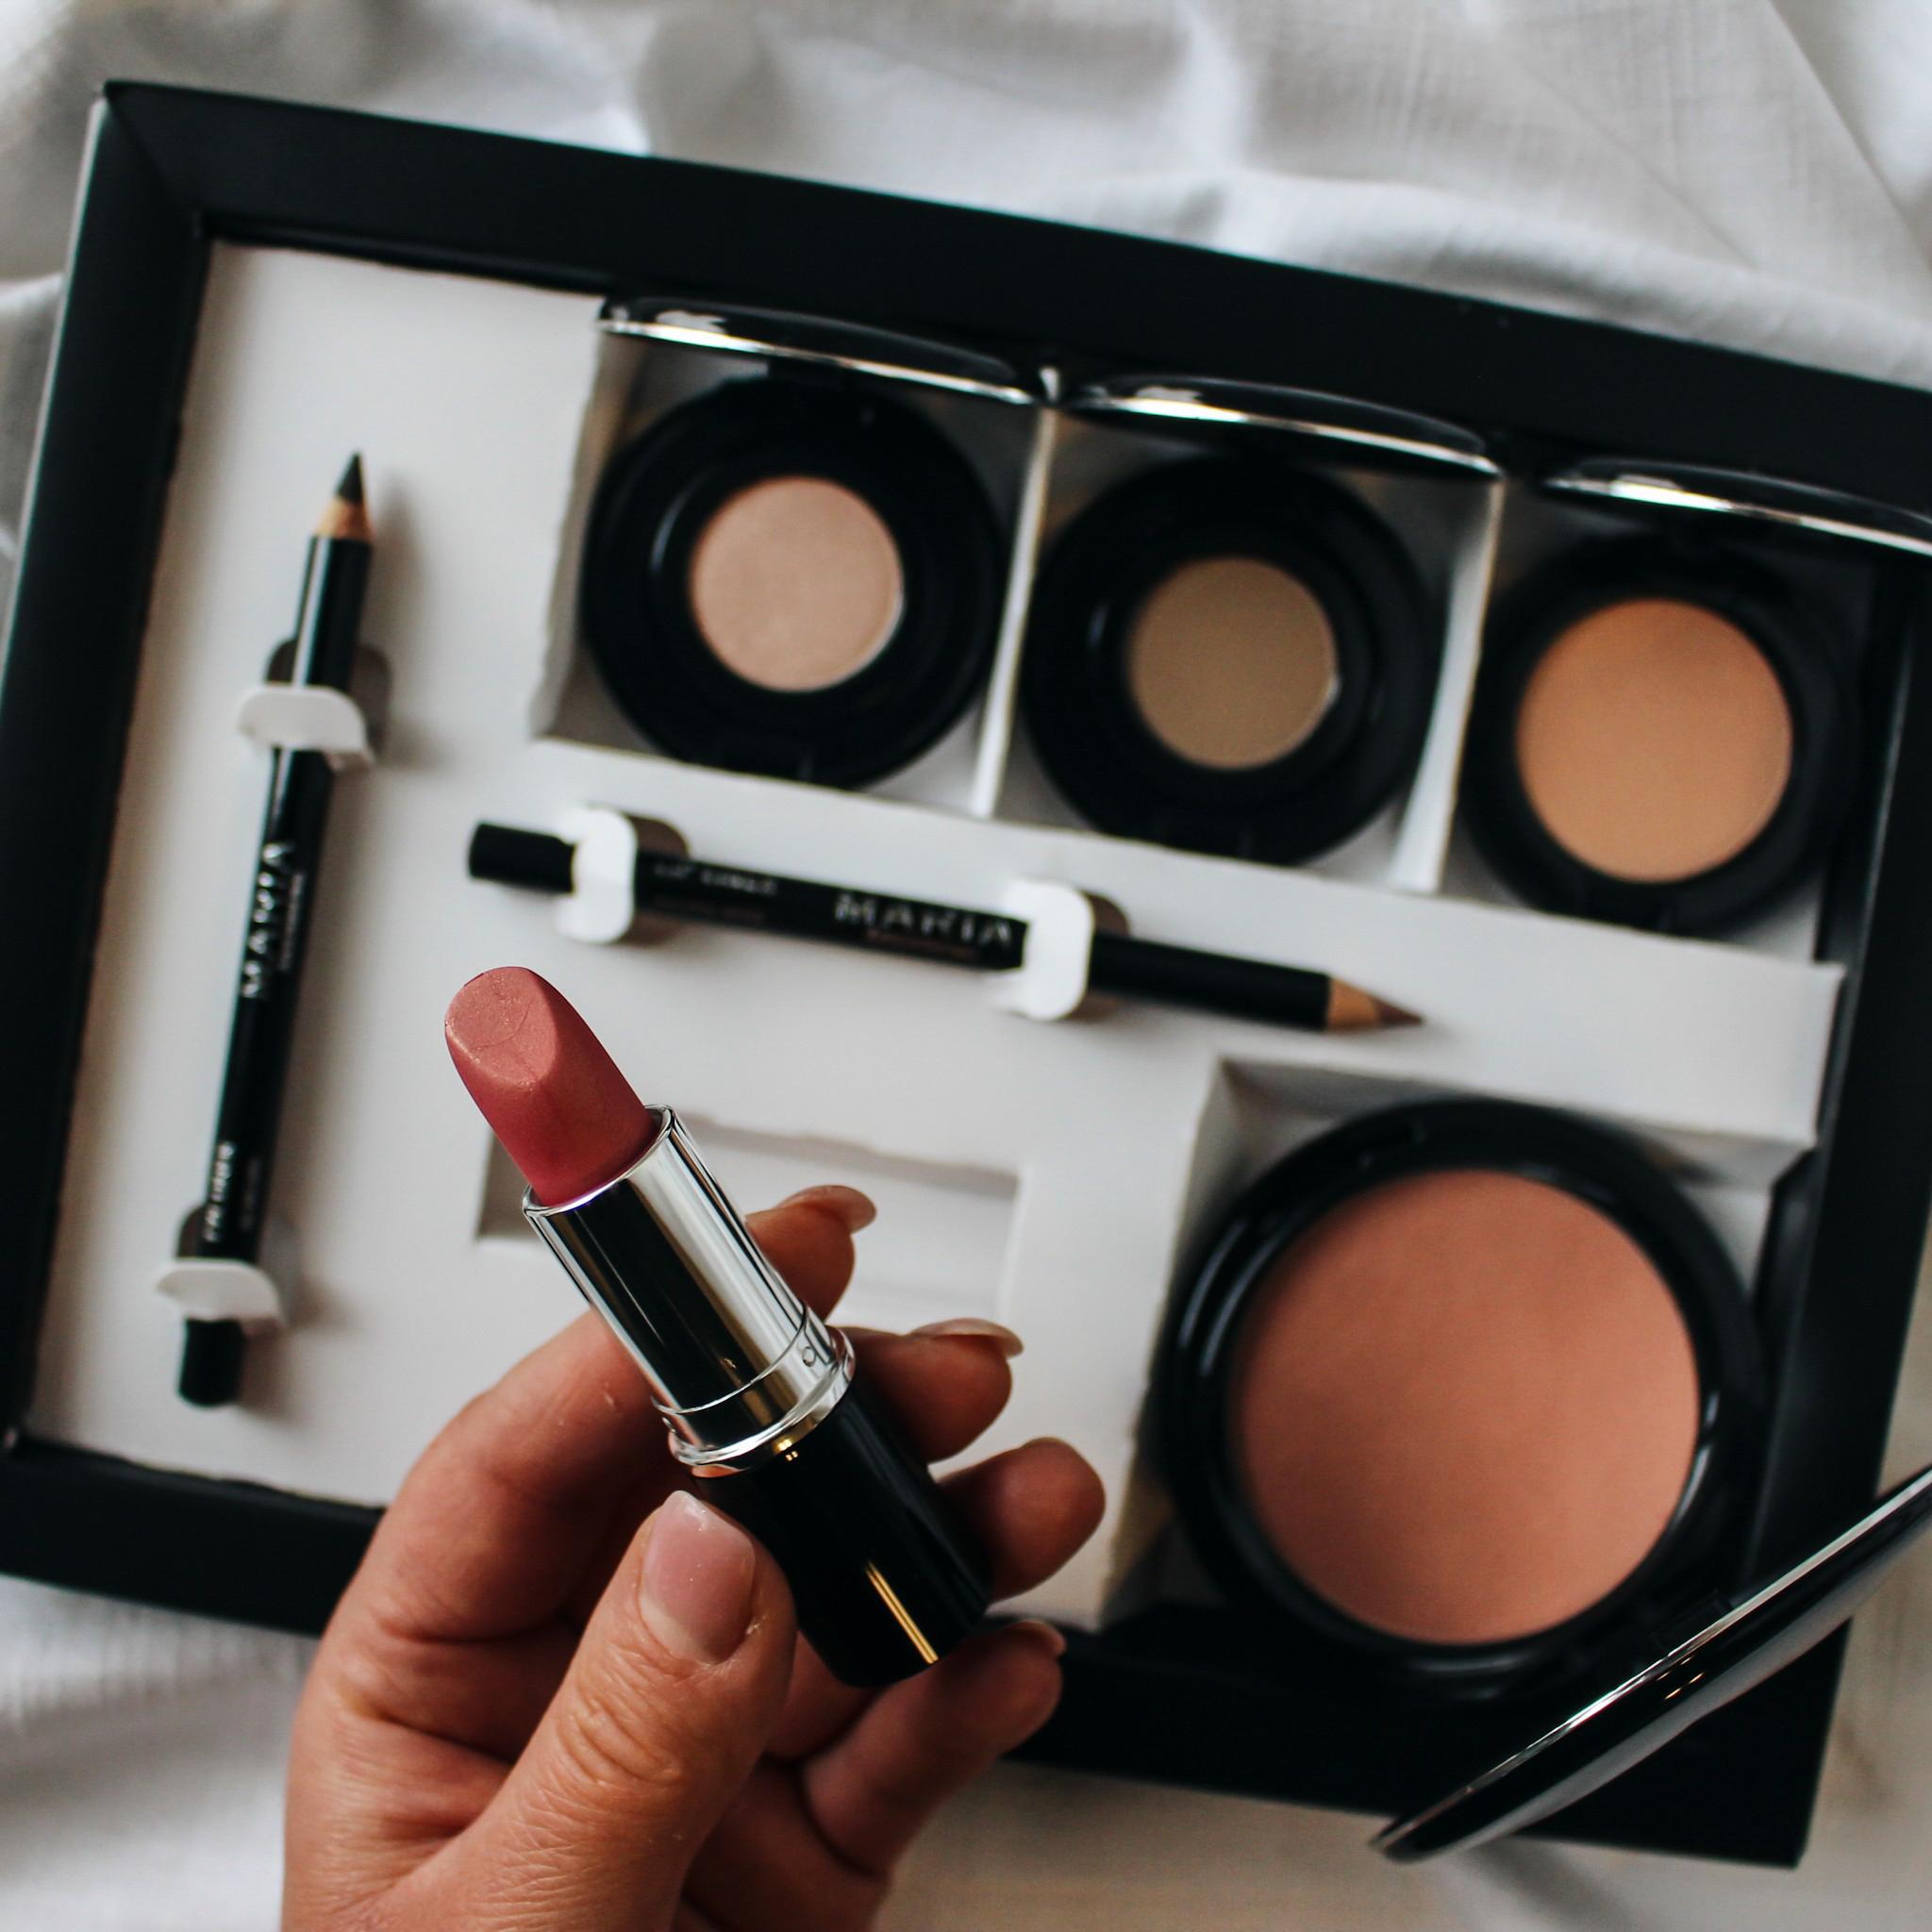 Makeup spring set